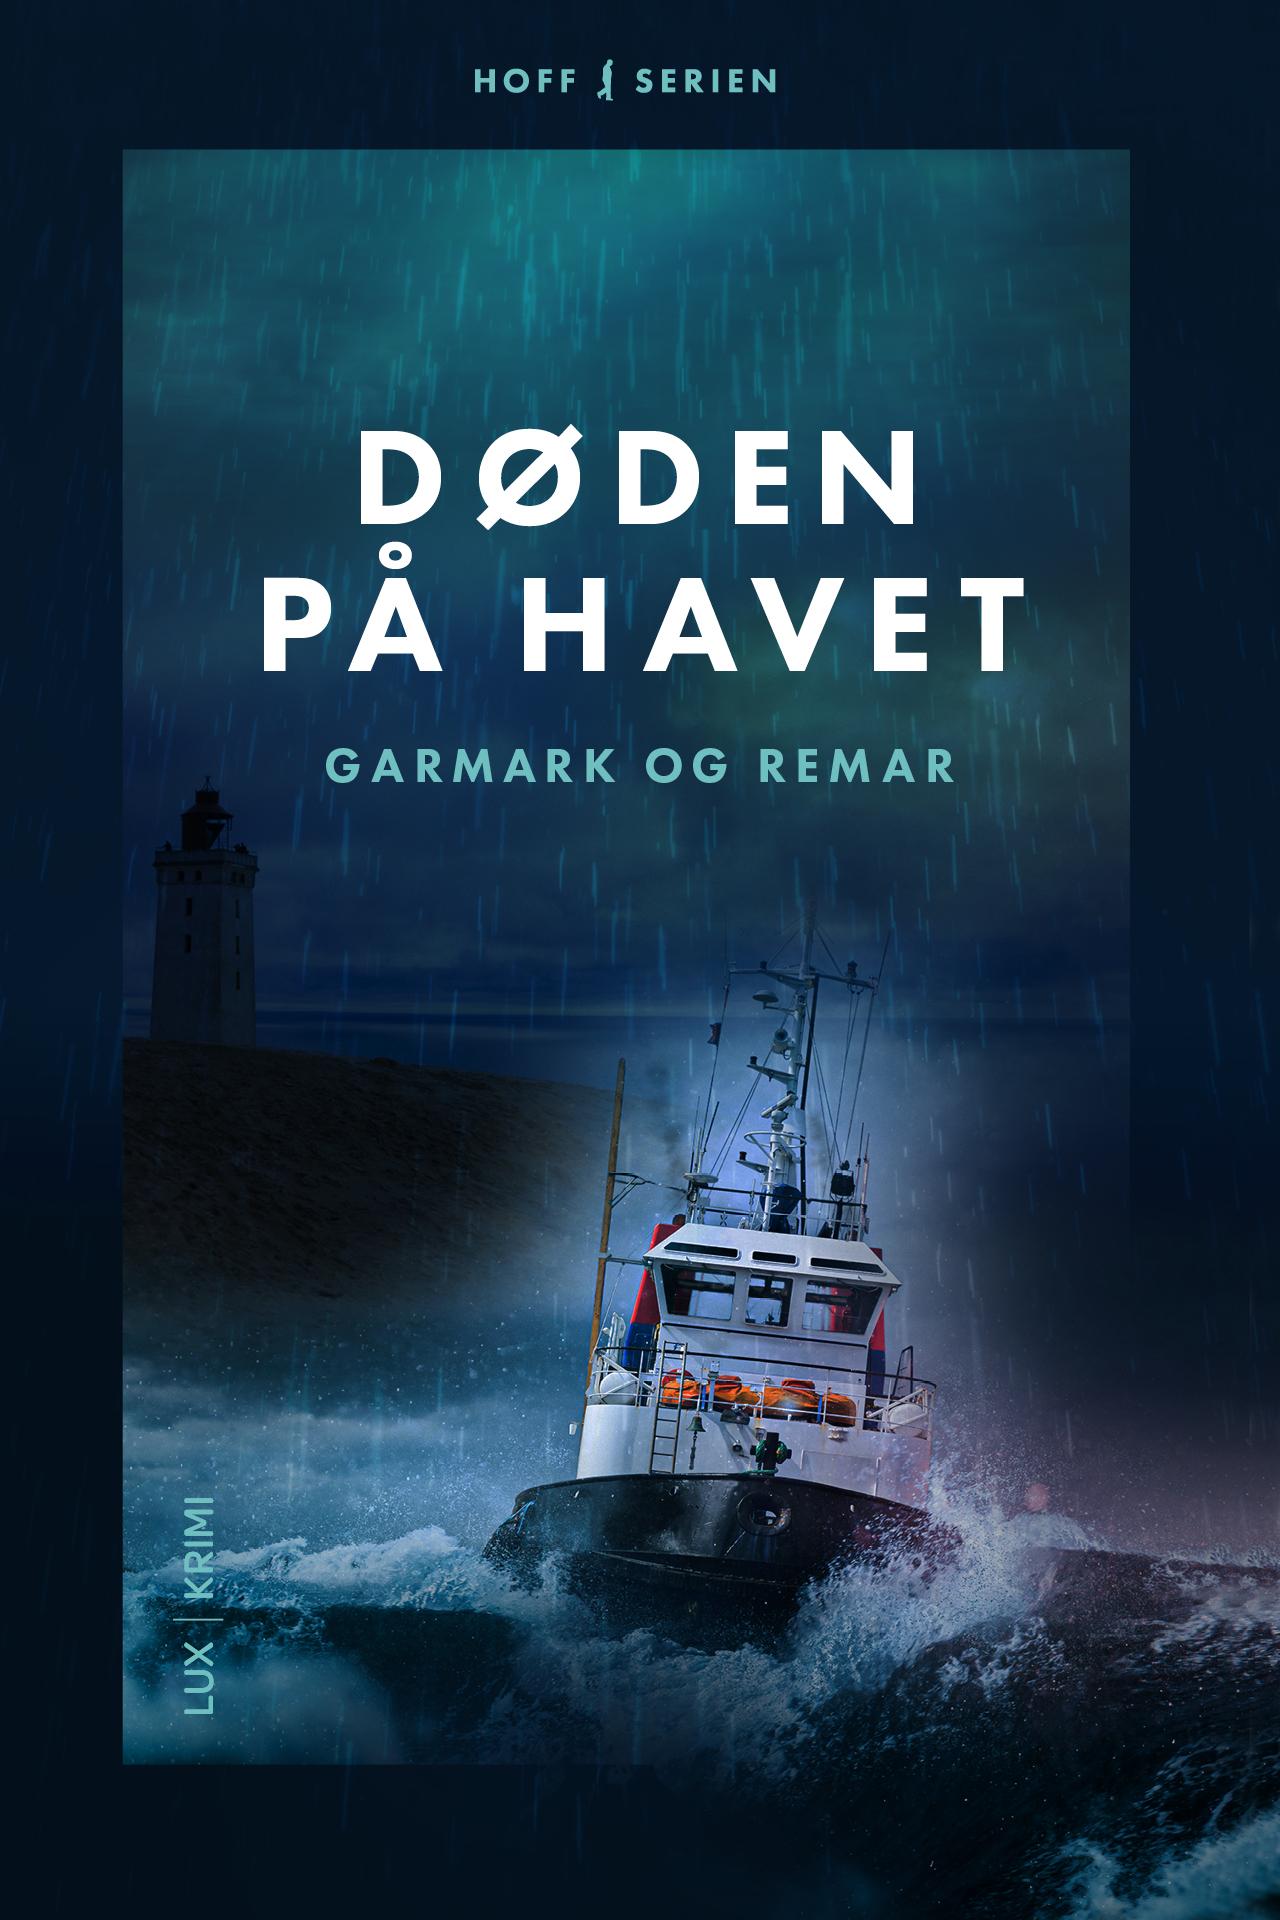 Hoff serien: Døden på havet - Garmark & Remar - Bøger - Superlux - 9788793796348 - 30/7-2020